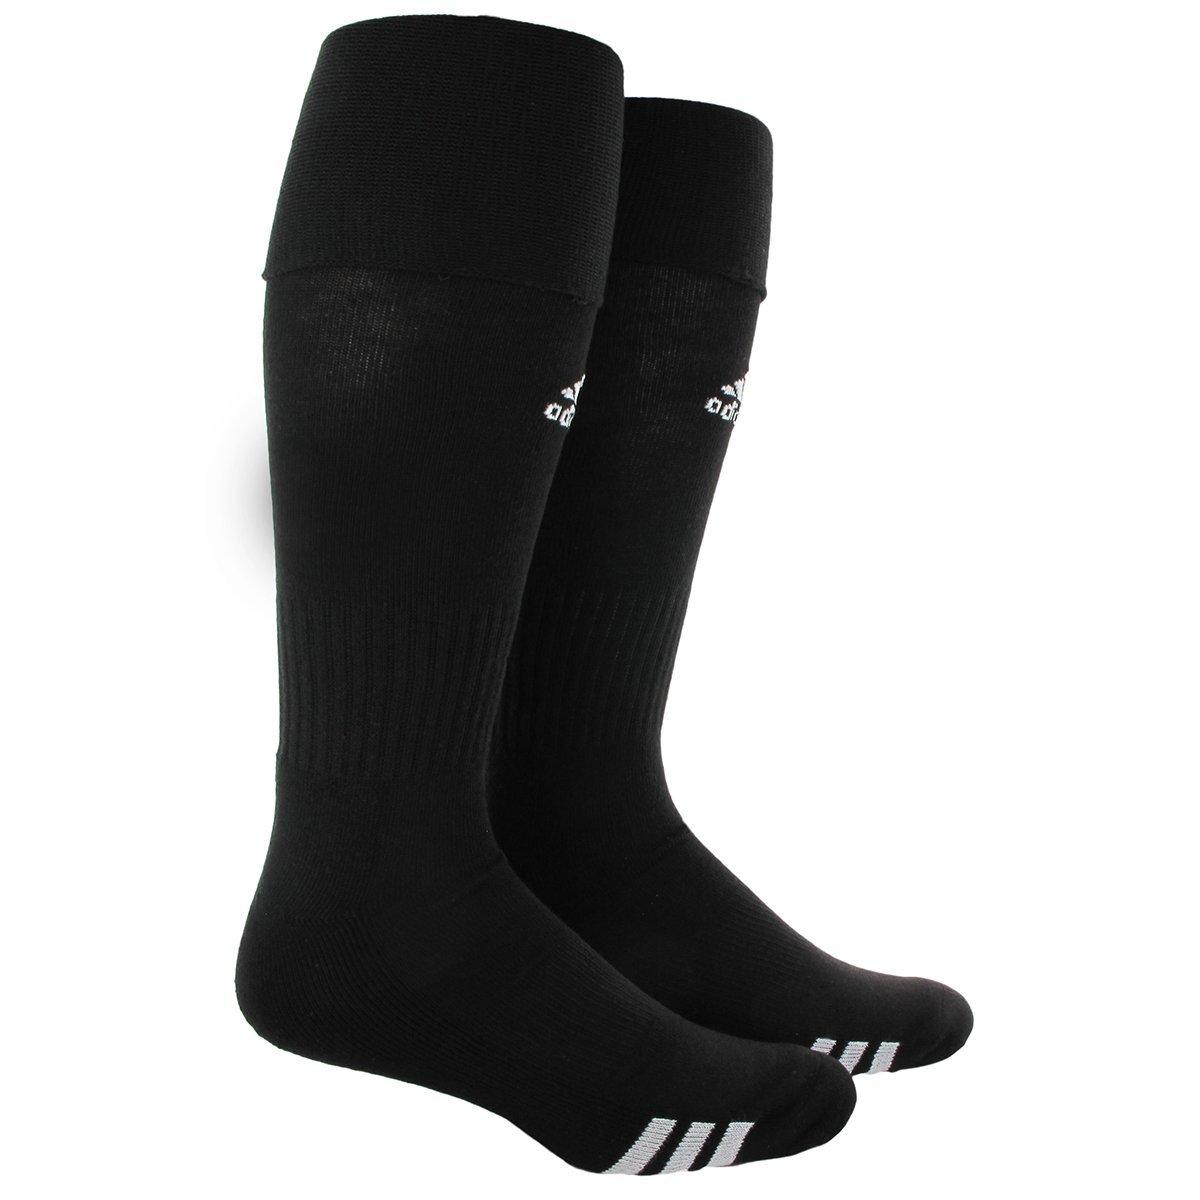 adidas Unisex Rivalry Soccer OTC Socks (2-Pack), Black/White, Medium